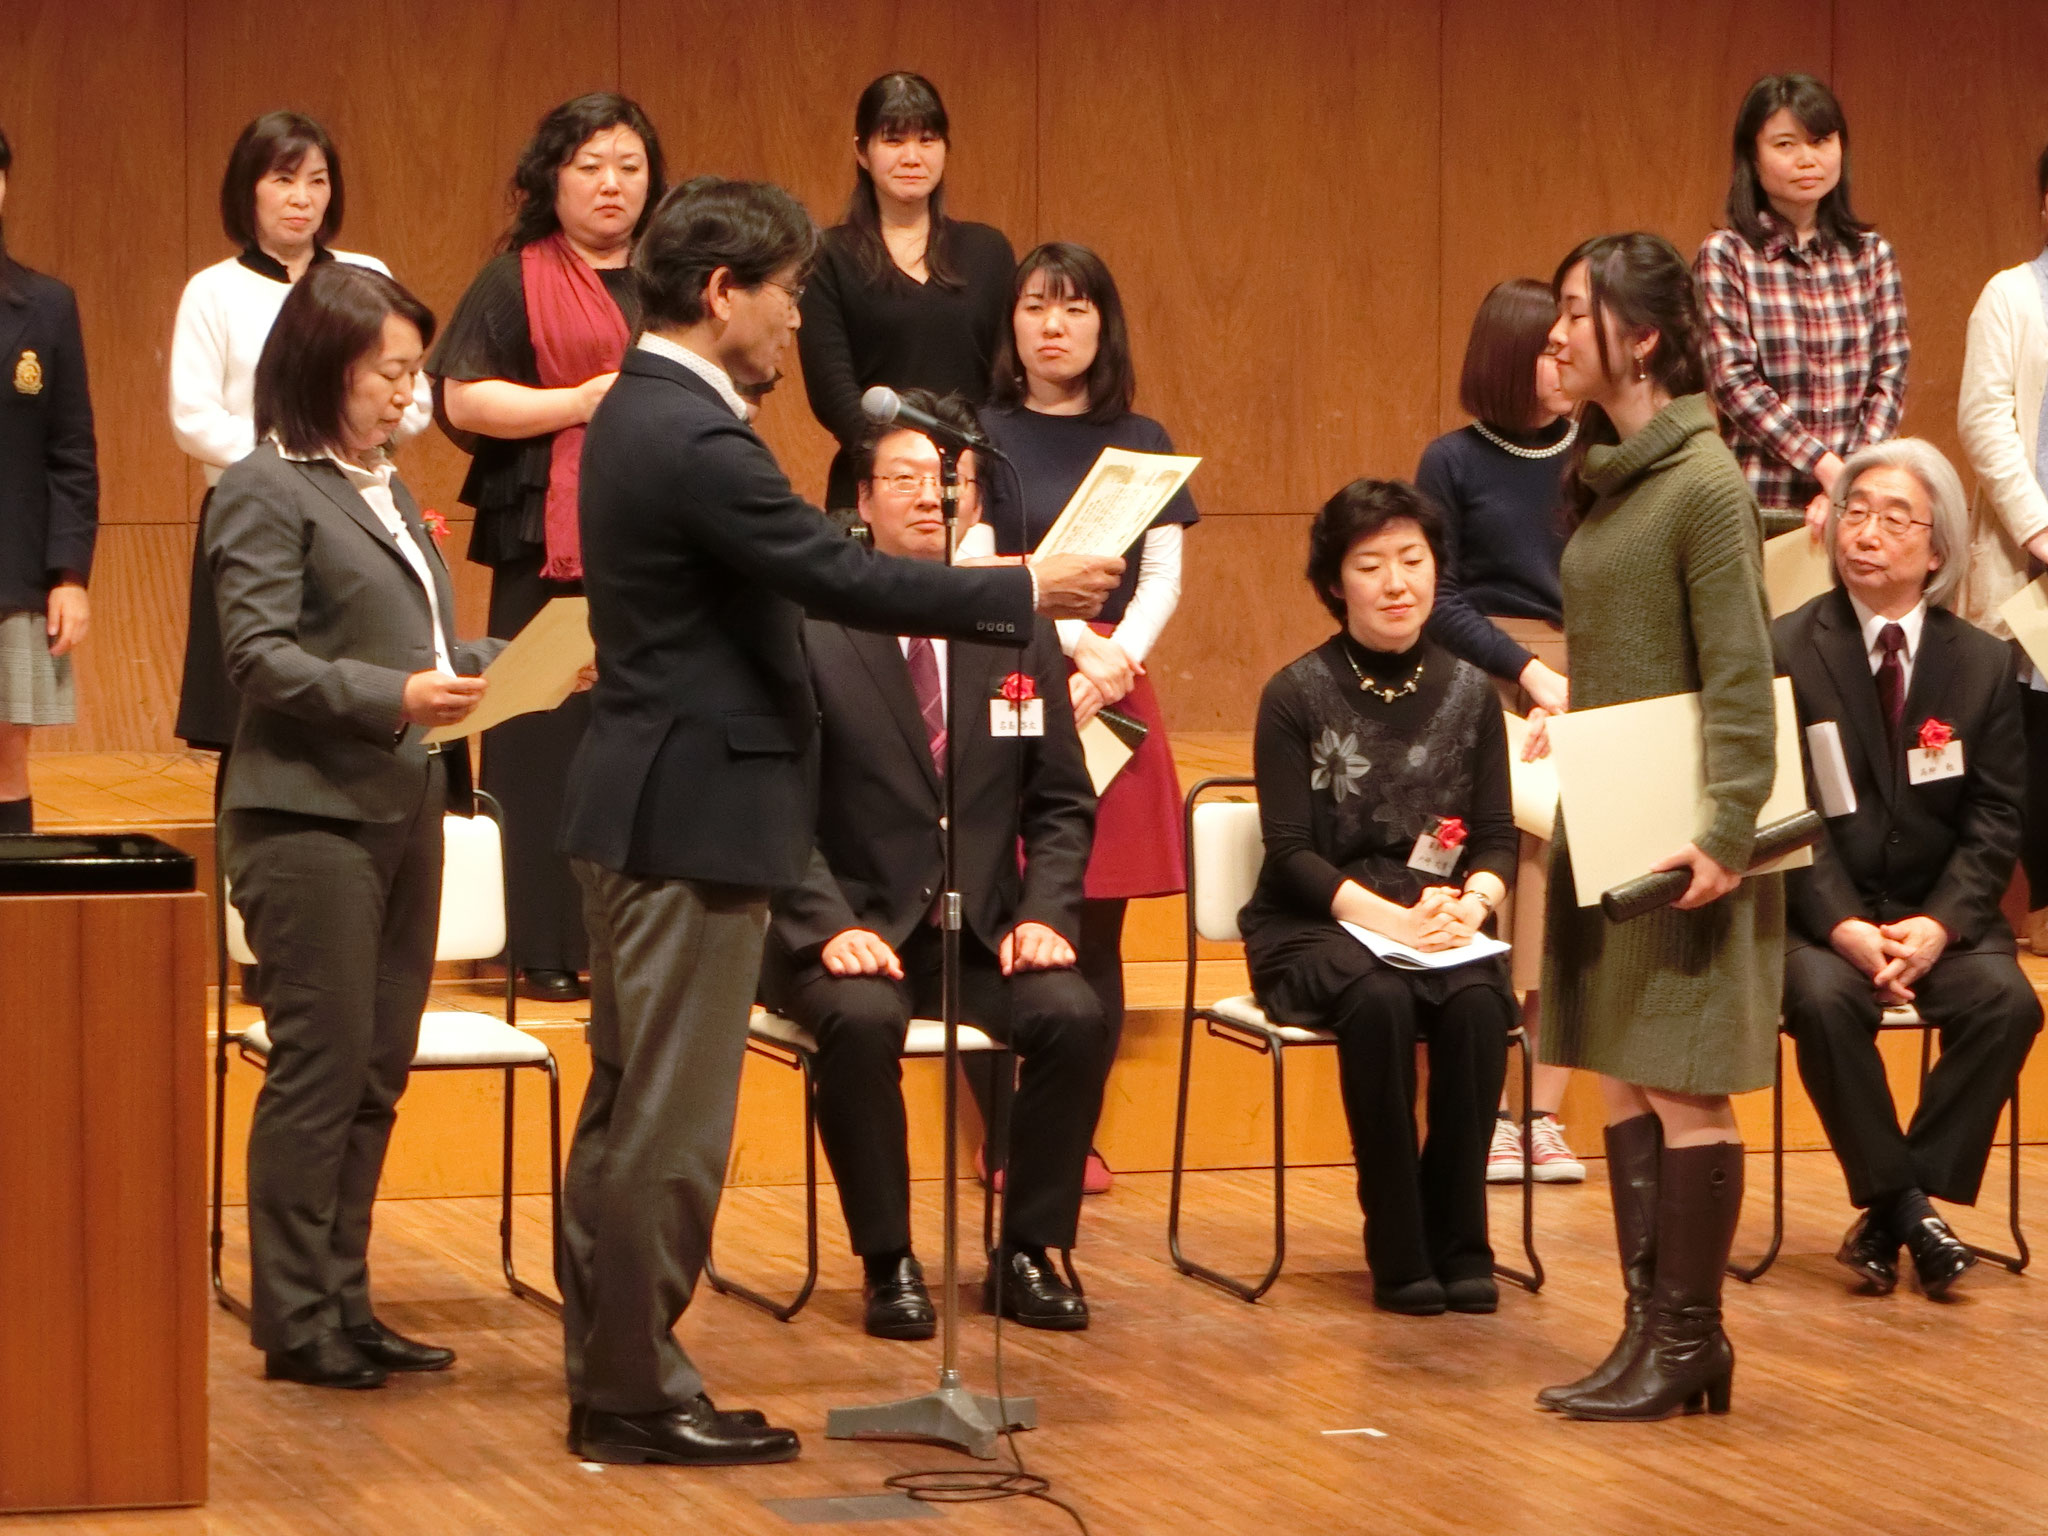 今年も松村先生から総合3位の賞状をいただきました!